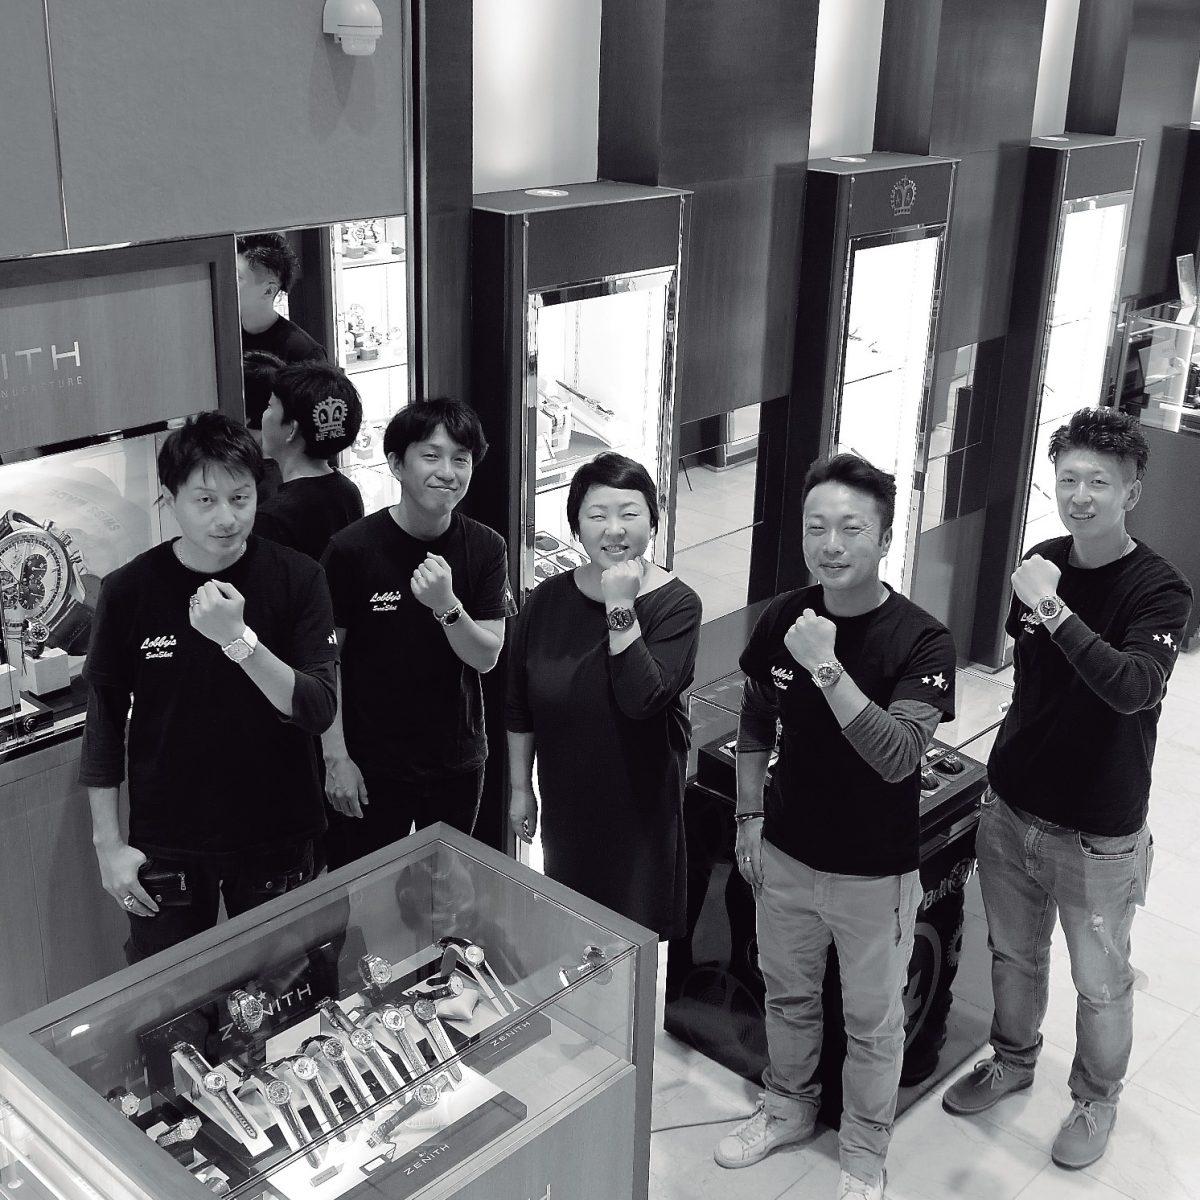 811aab0938 並々ならぬ思いで高崎の地に腕時計を広めた結果、お客がお客を呼ぶような賑やかさを見せるまでに成長した同店。